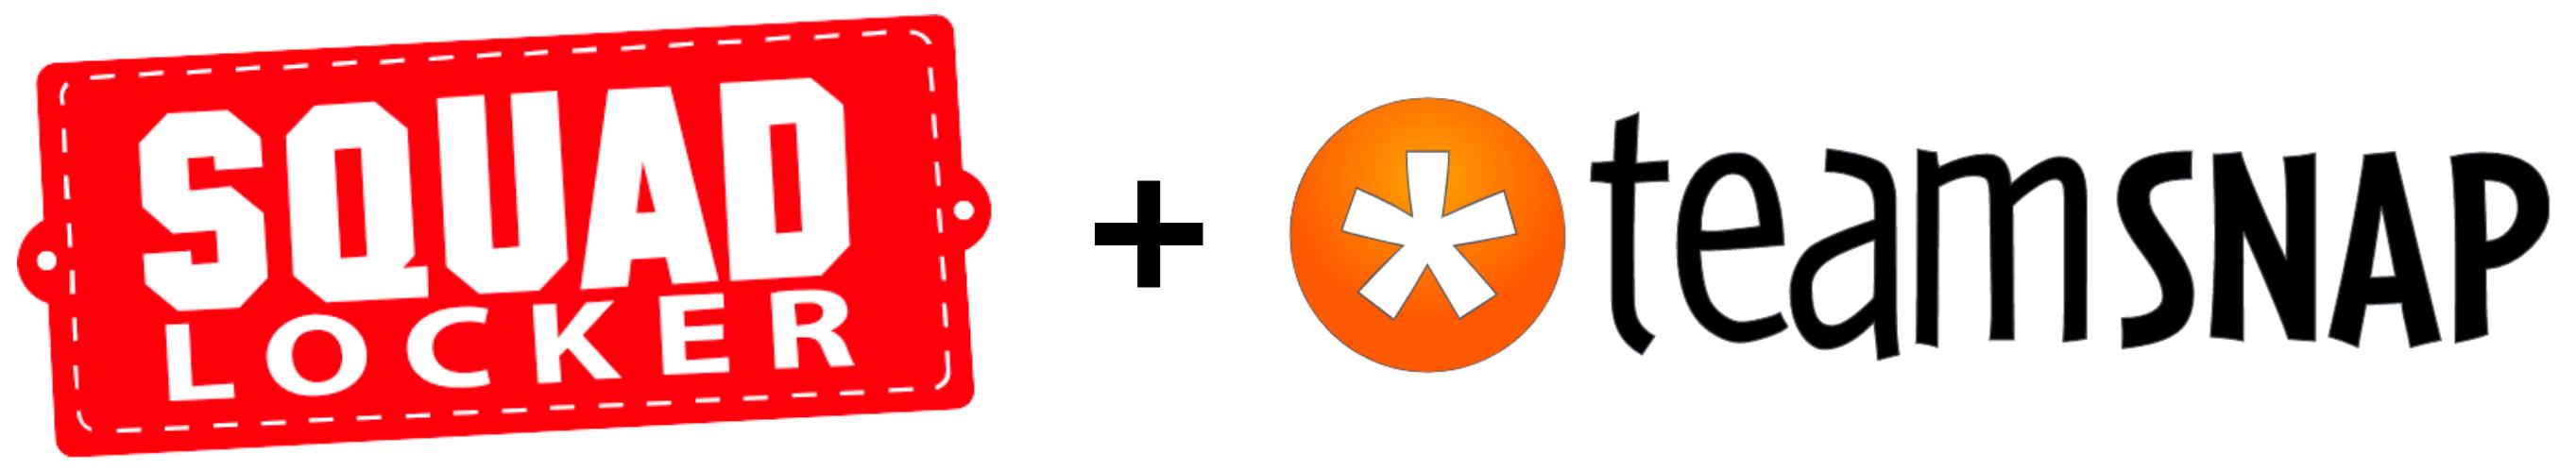 SquadLocker and TeamSnap Logos